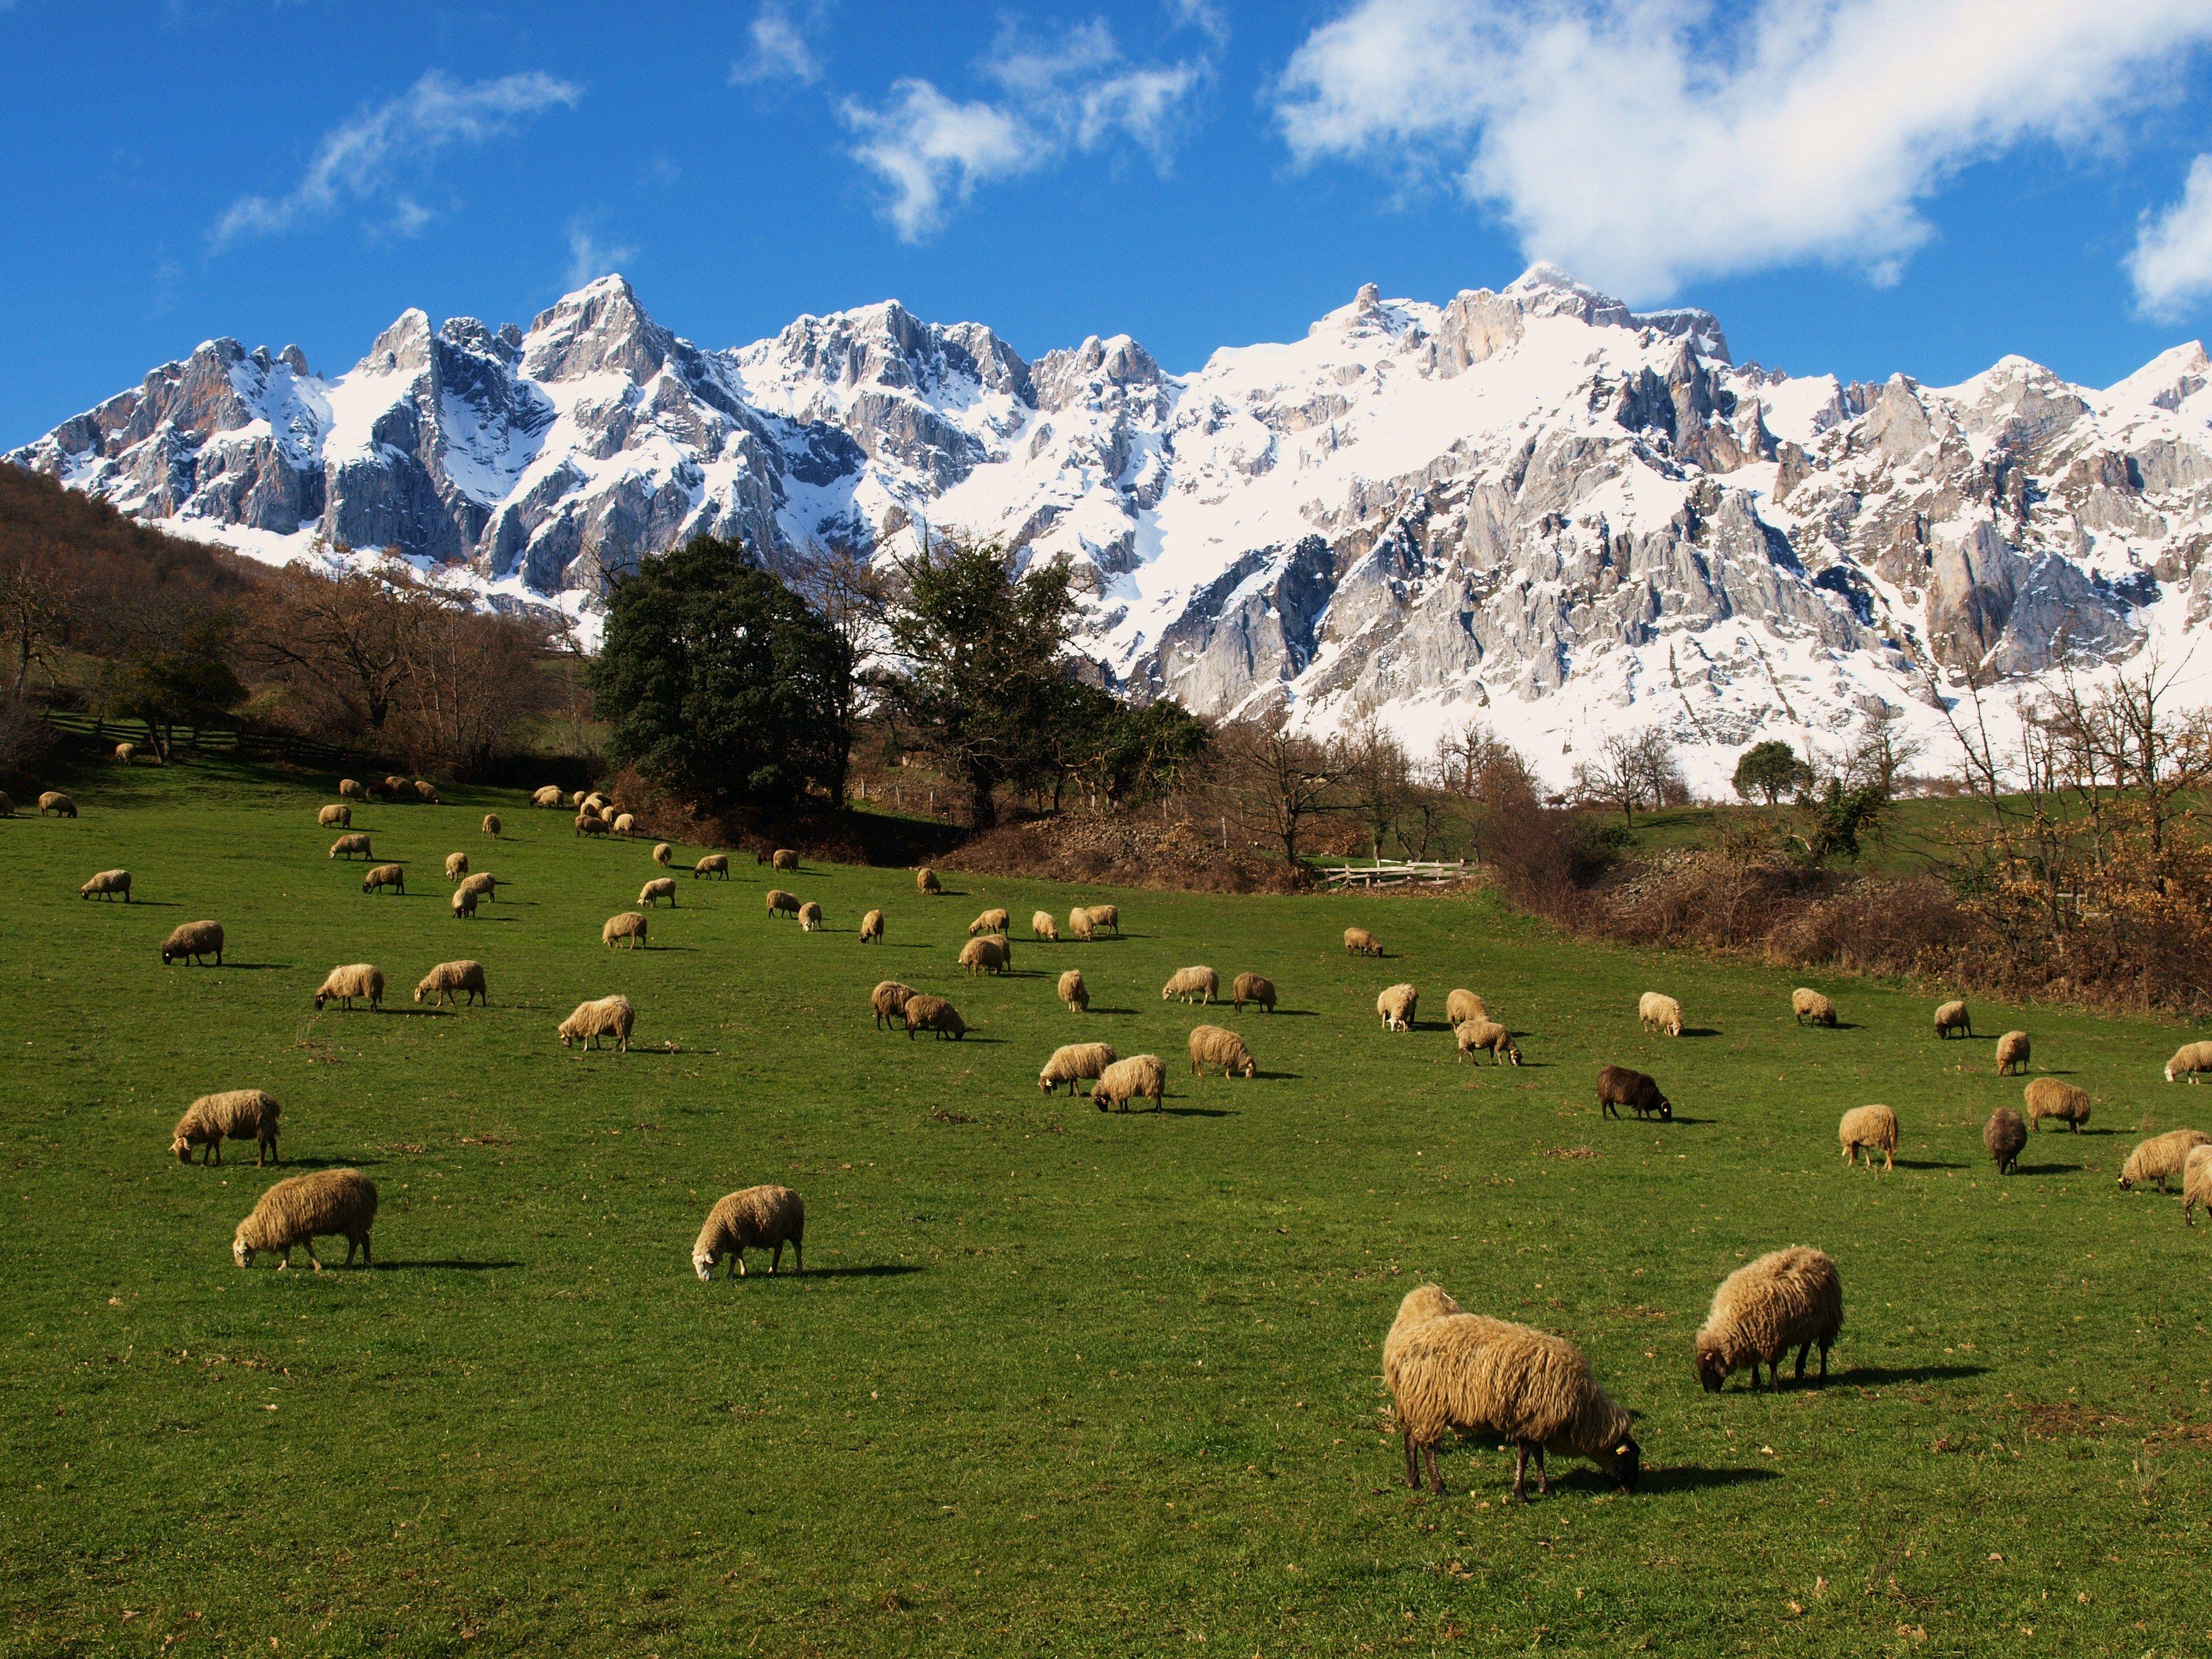 Camaleño Cerca De Los Picos De Europa Que Mas Puedes Pedir Liebanízate Picos De Europa Asturias Picos De Europa Parques Nacionales De España